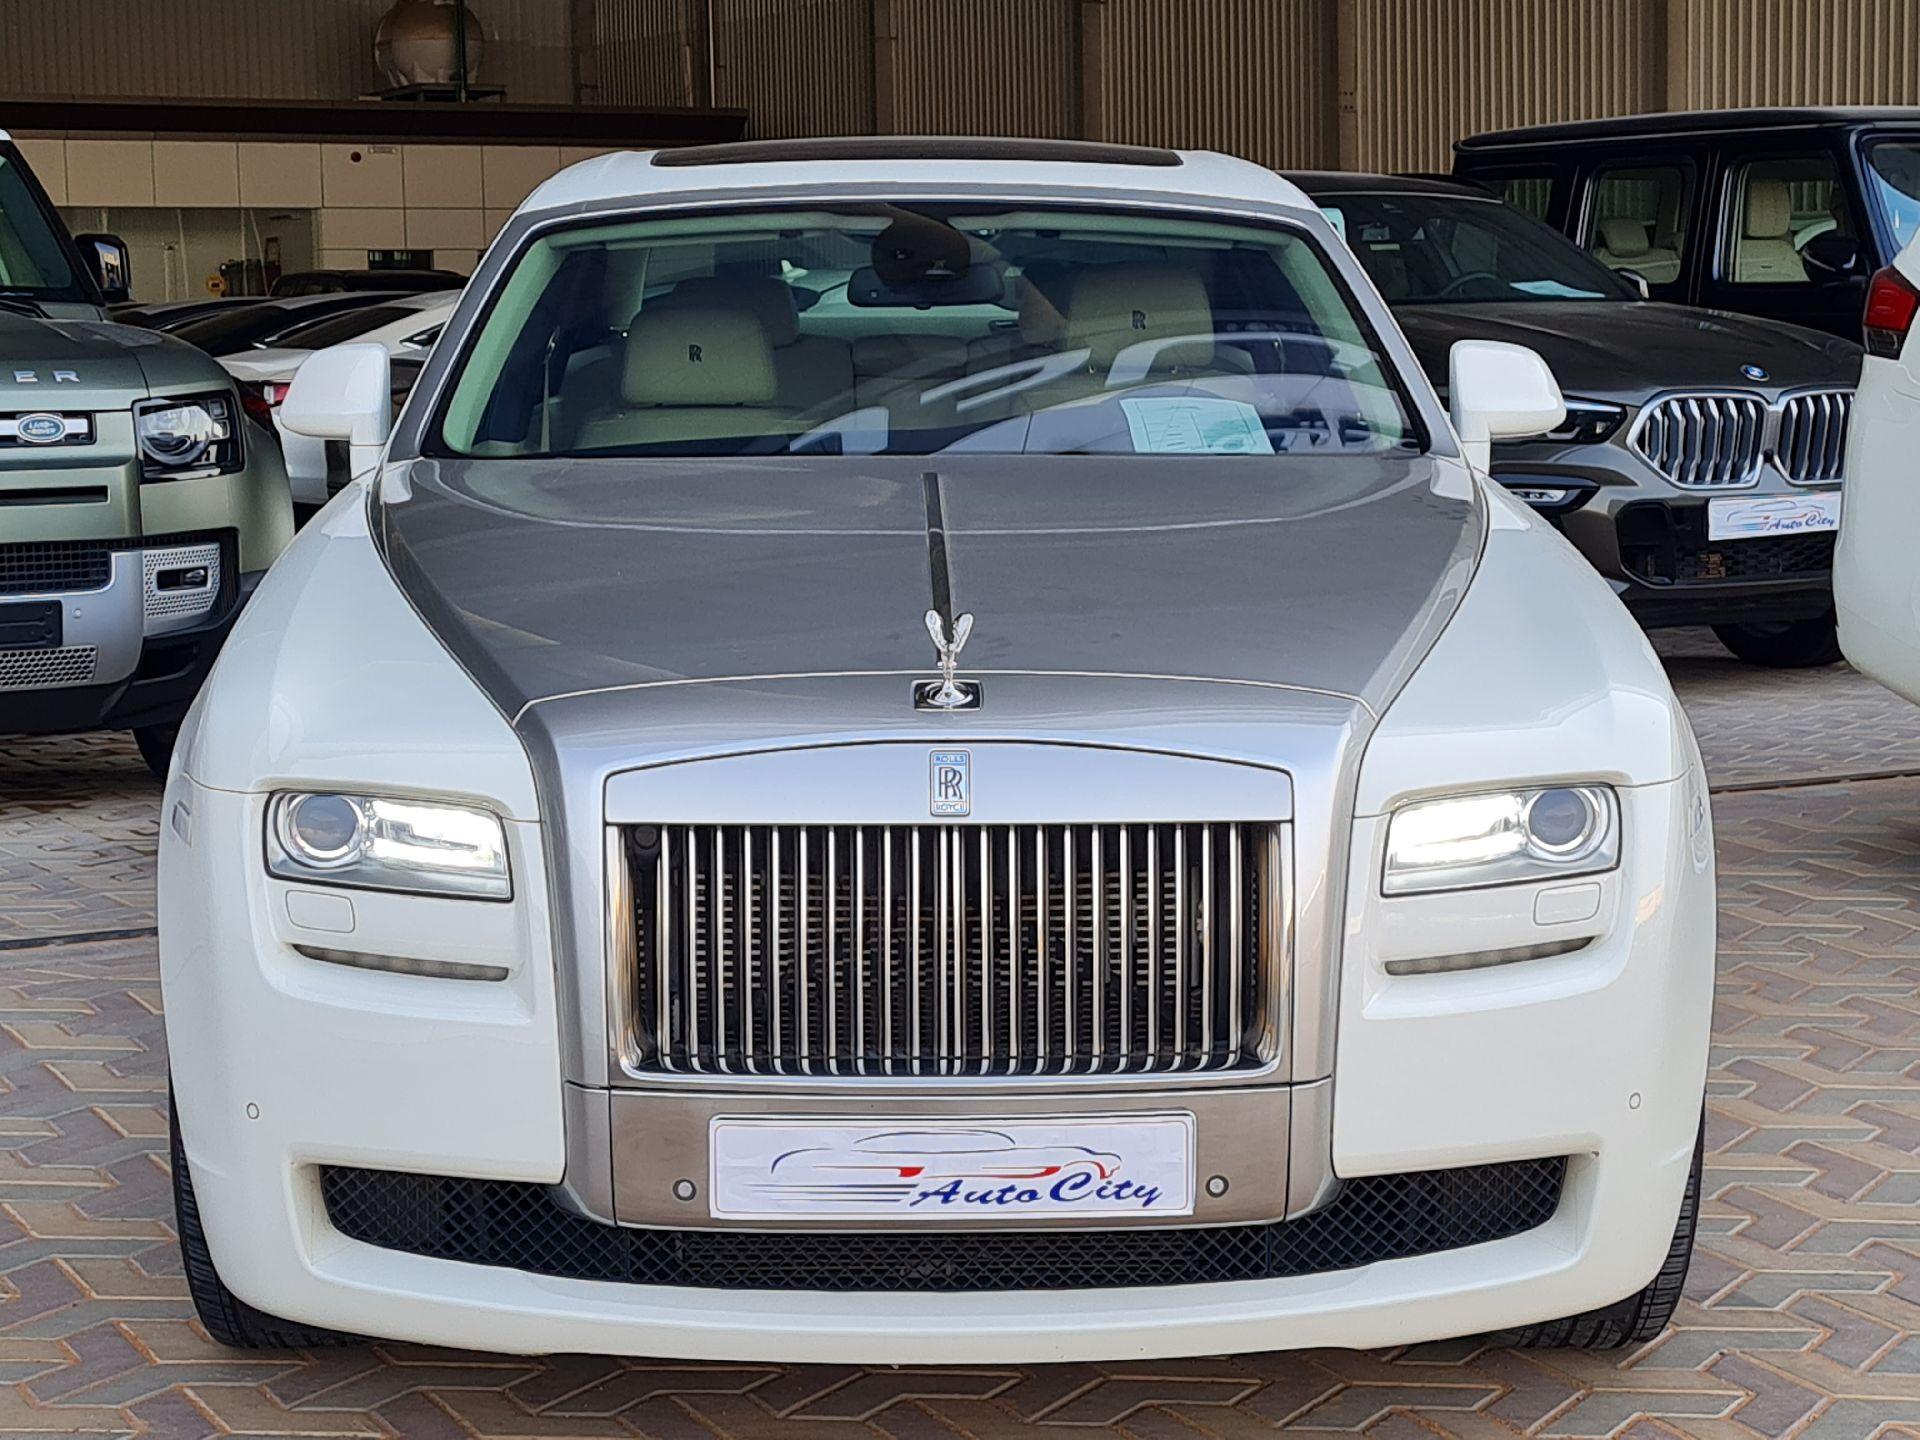 مباع - رولز رویس غوست 2013  سعودي للبيع في الرياض - السعودية - صورة كبيرة - 2